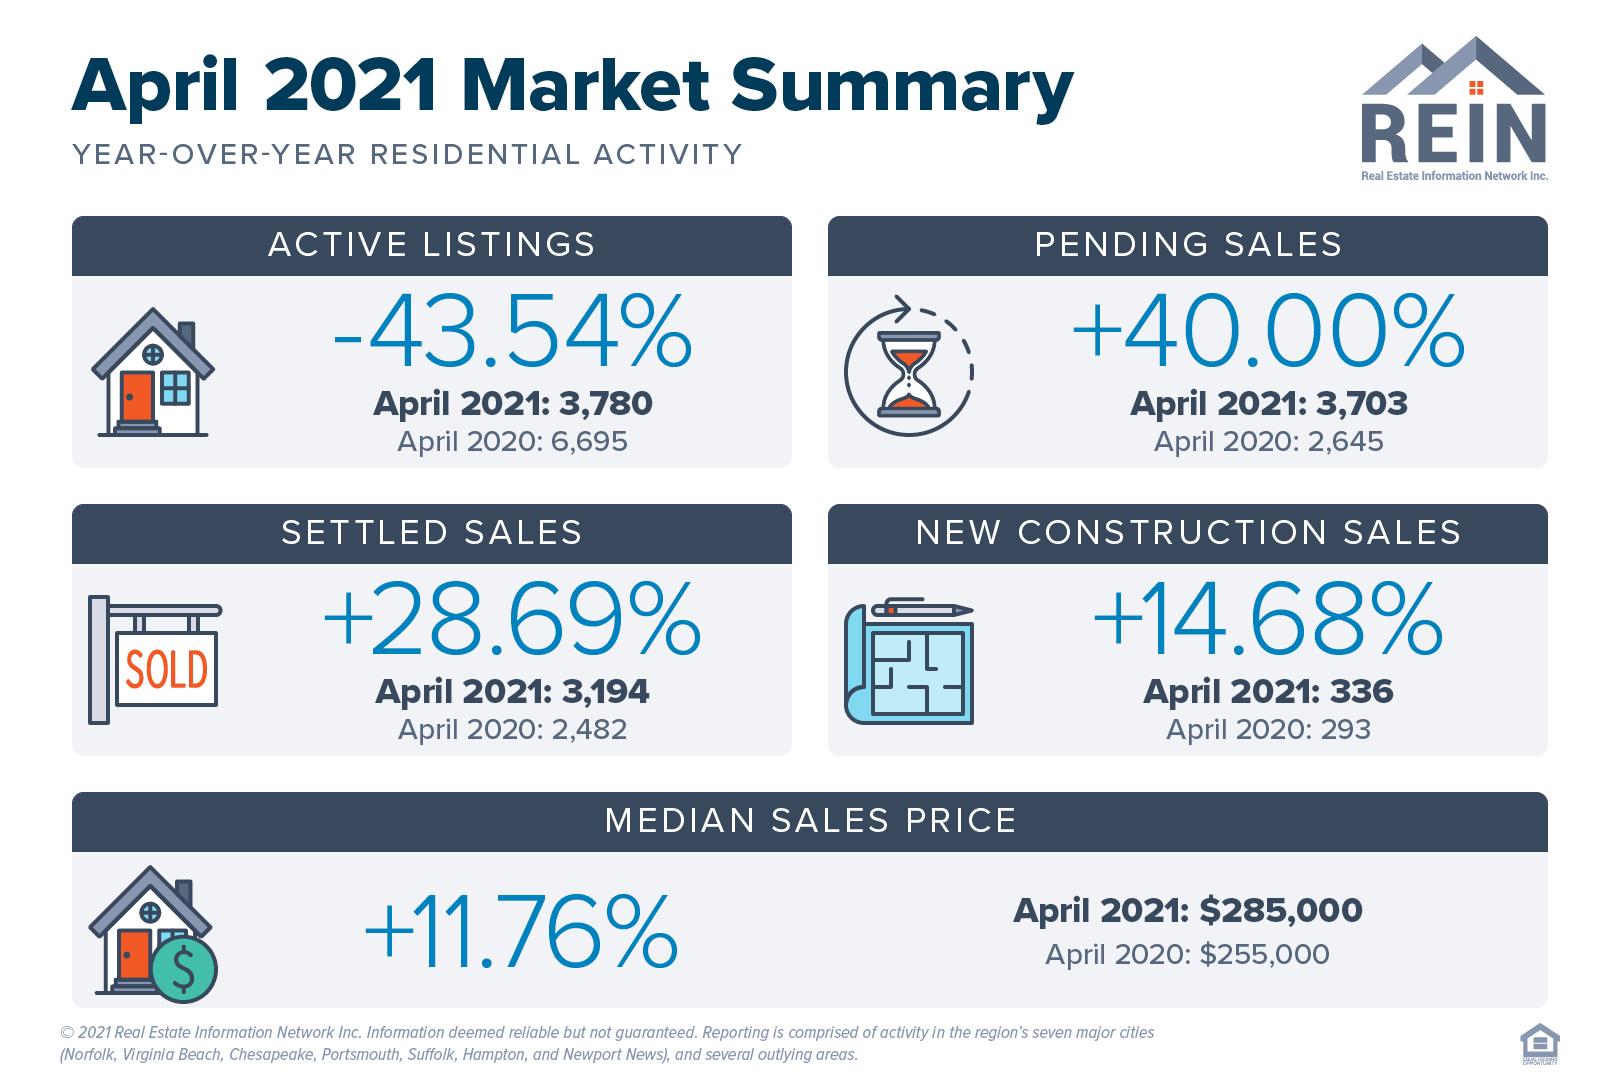 April 2021 Market Summary